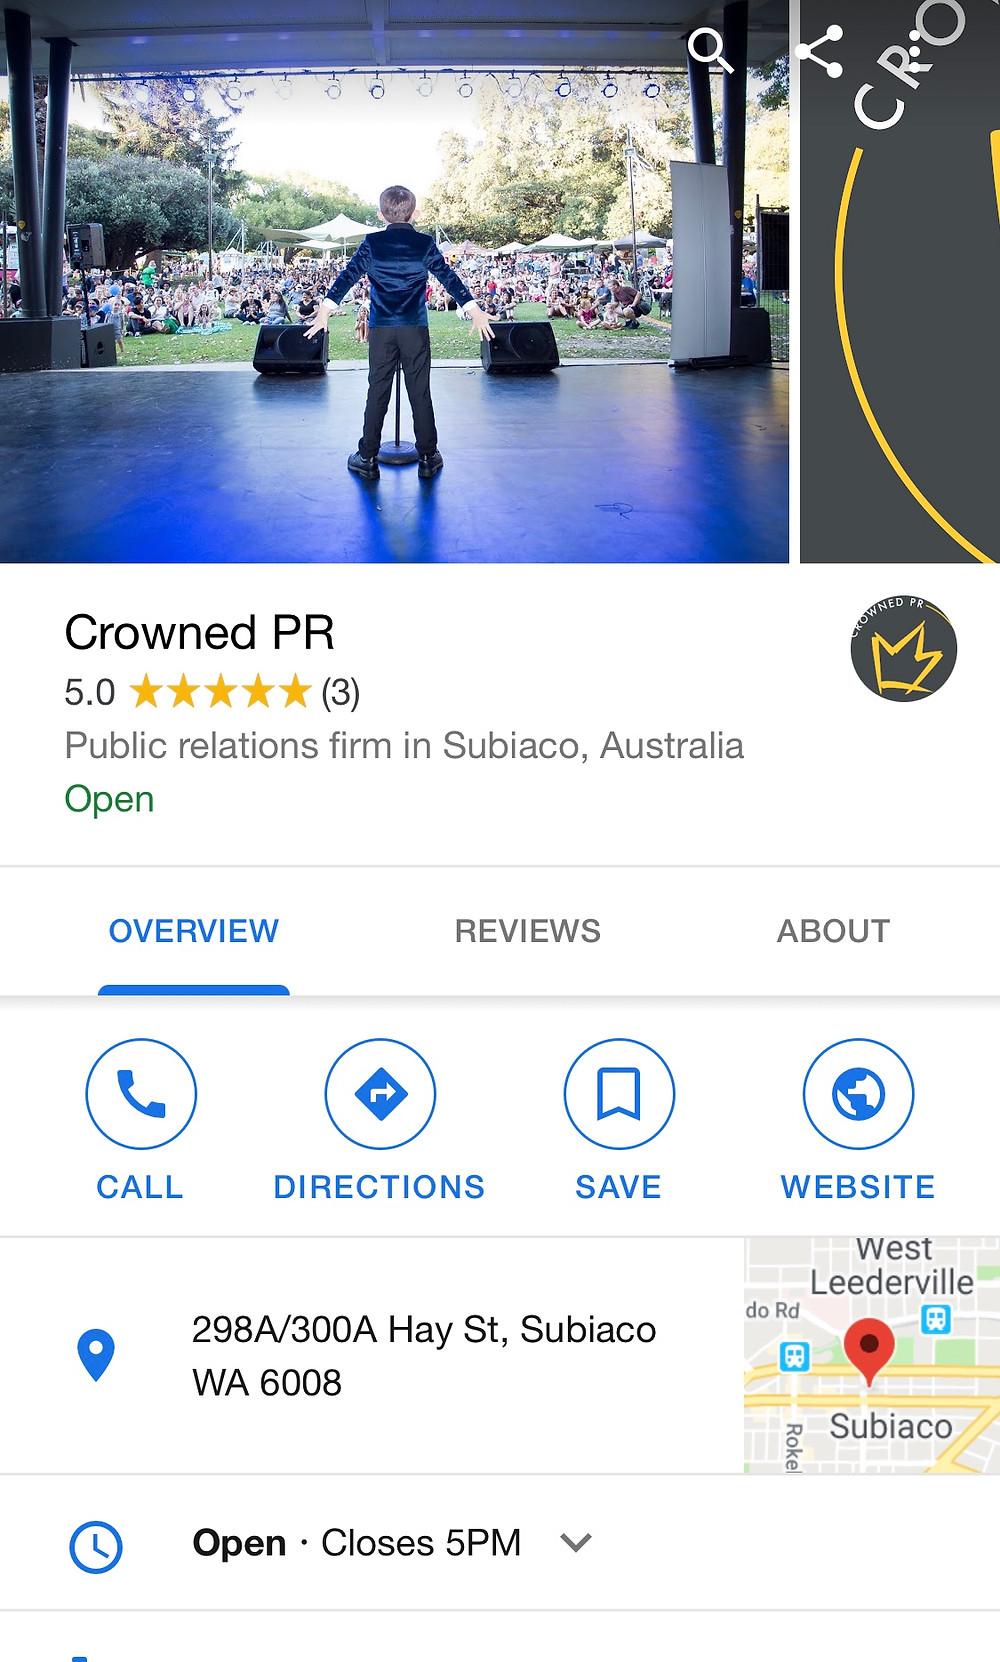 Crowned PR google